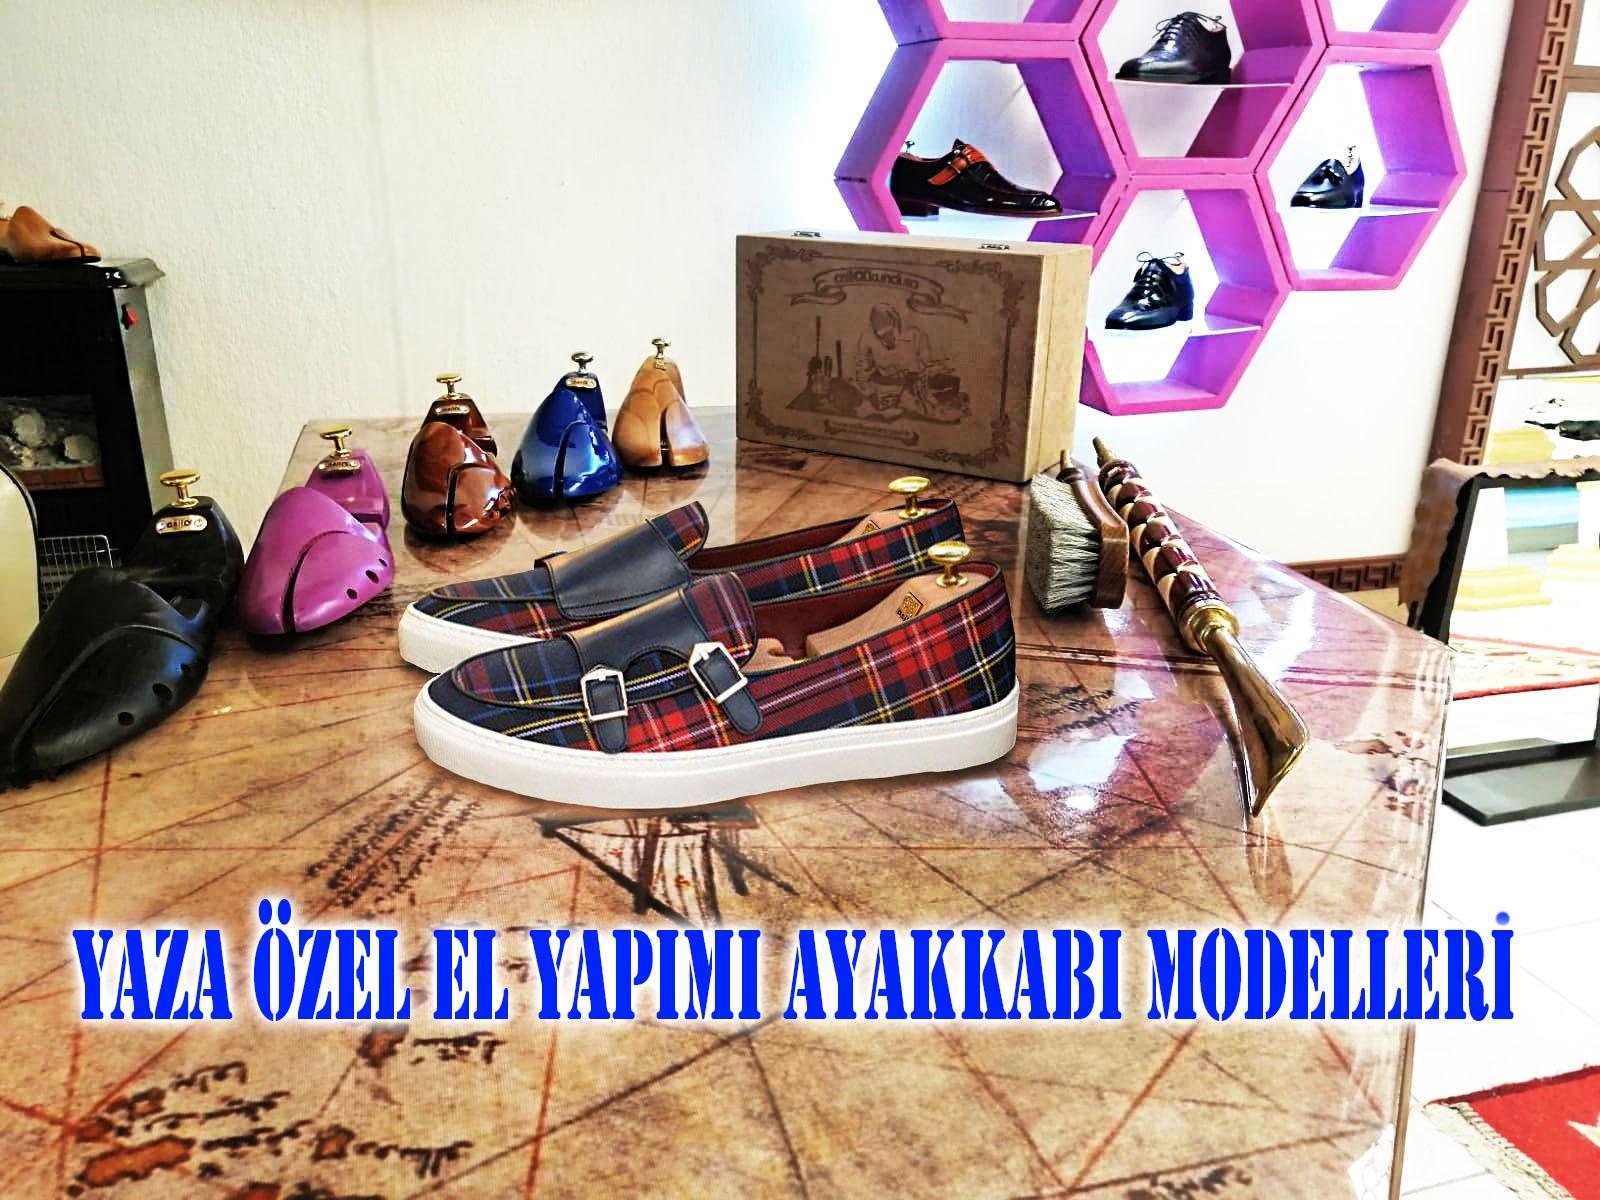 Yaza Özel El Yapımı Ayakkabı Modelleri